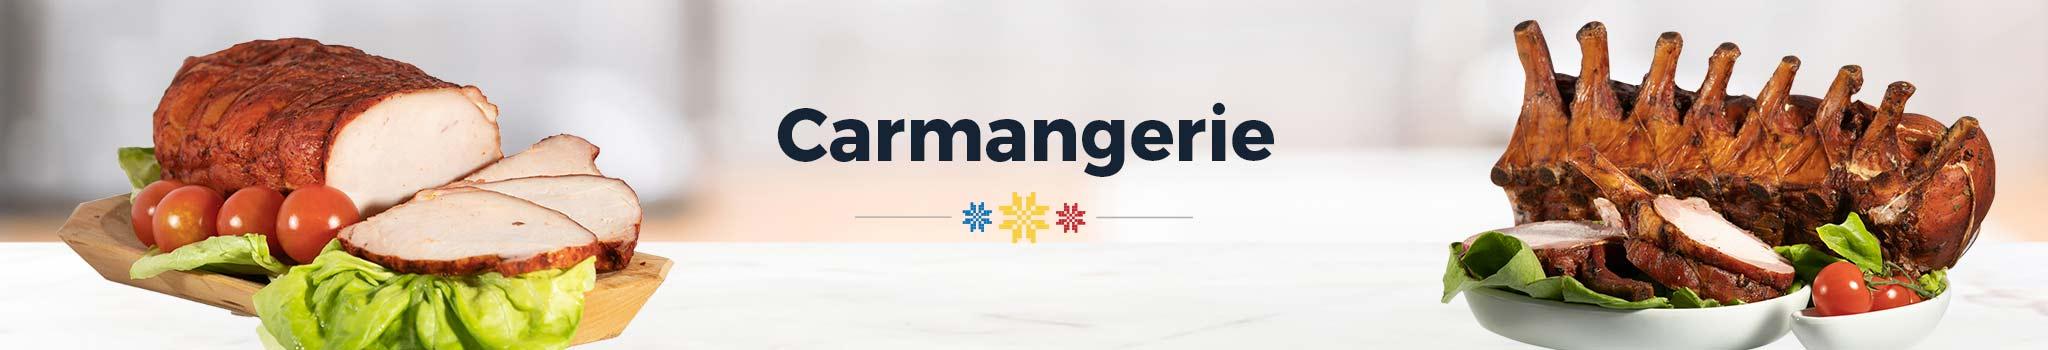 Carmangerie